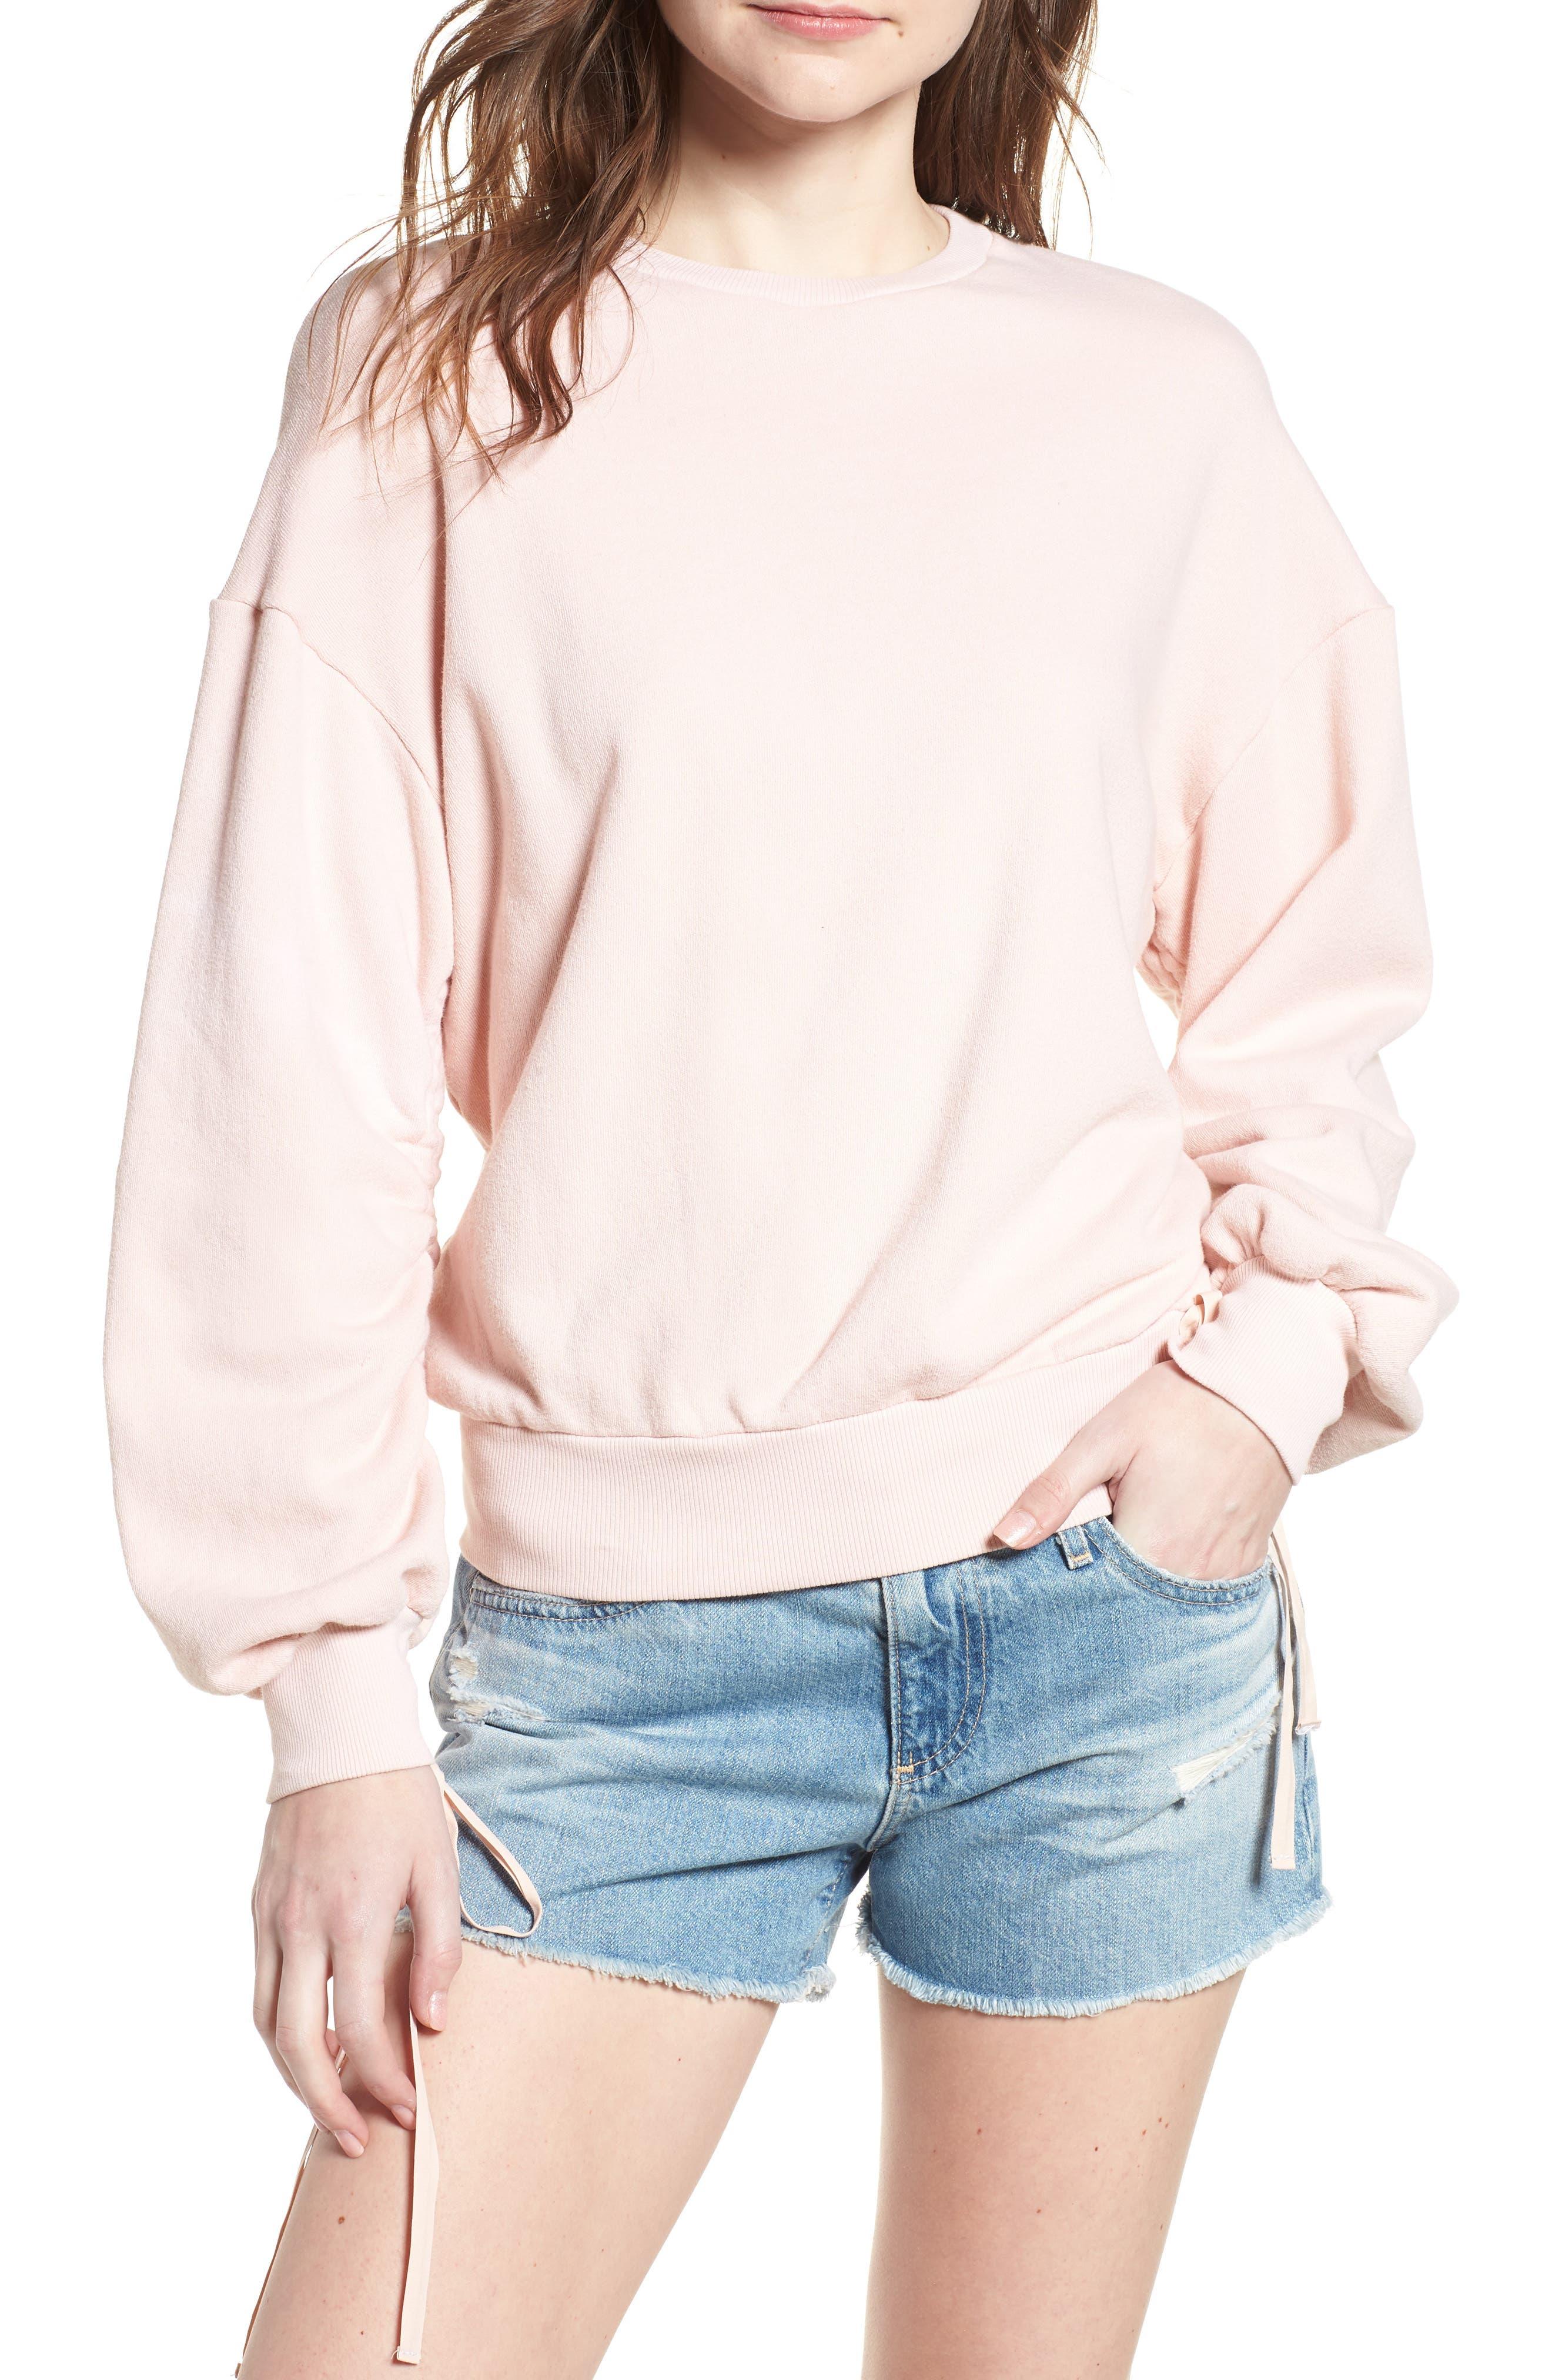 Karis Sweatshirt,                         Main,                         color, SWEET DAWN